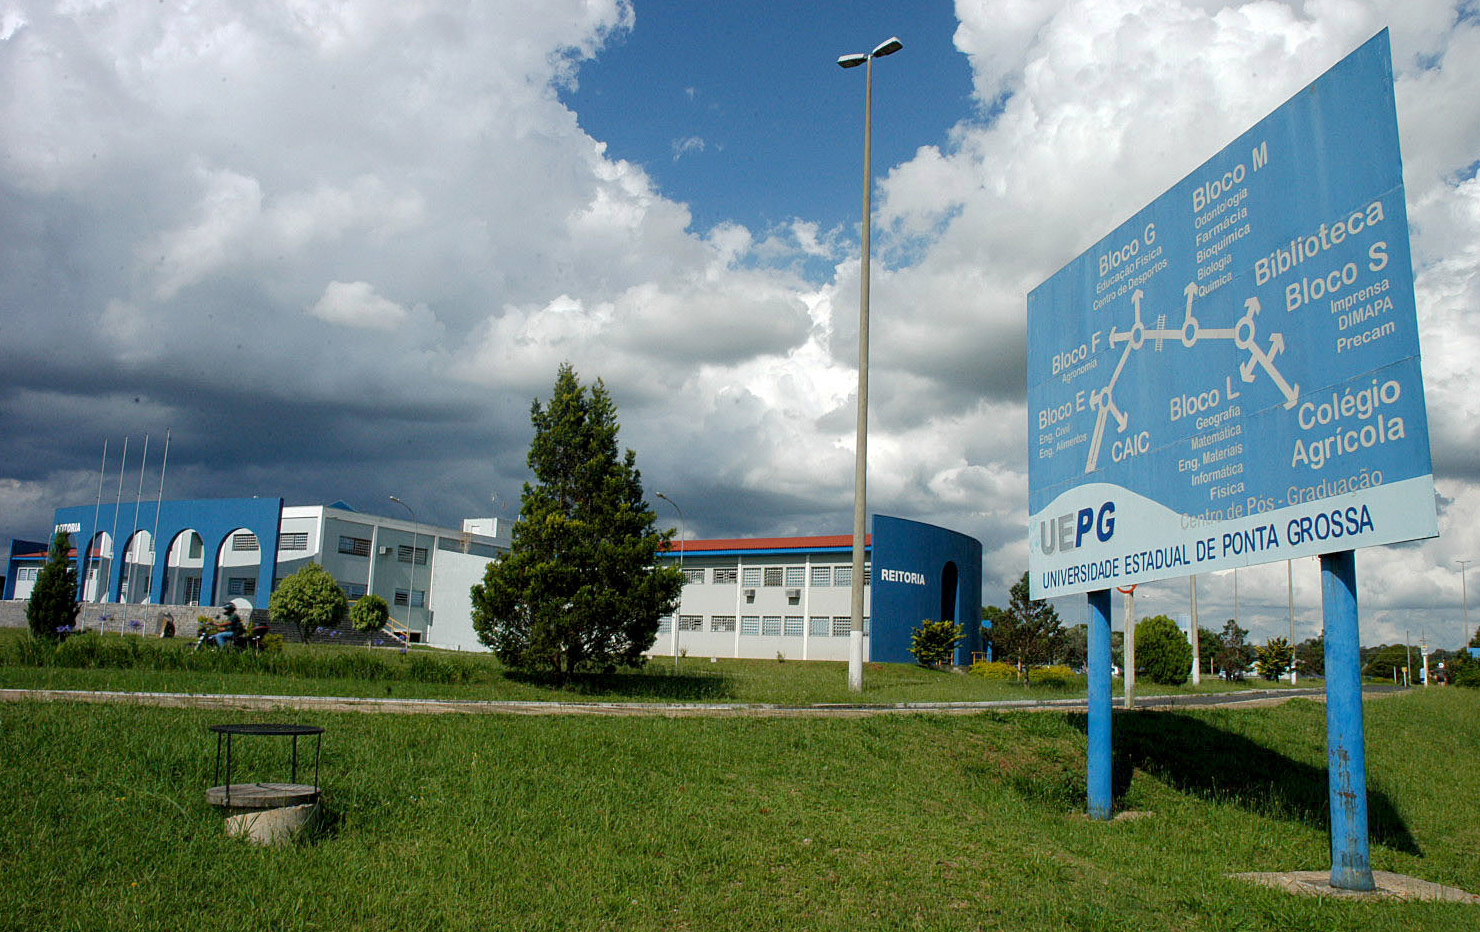 UEPG começa a receber inscrições para o Vestibular 2020